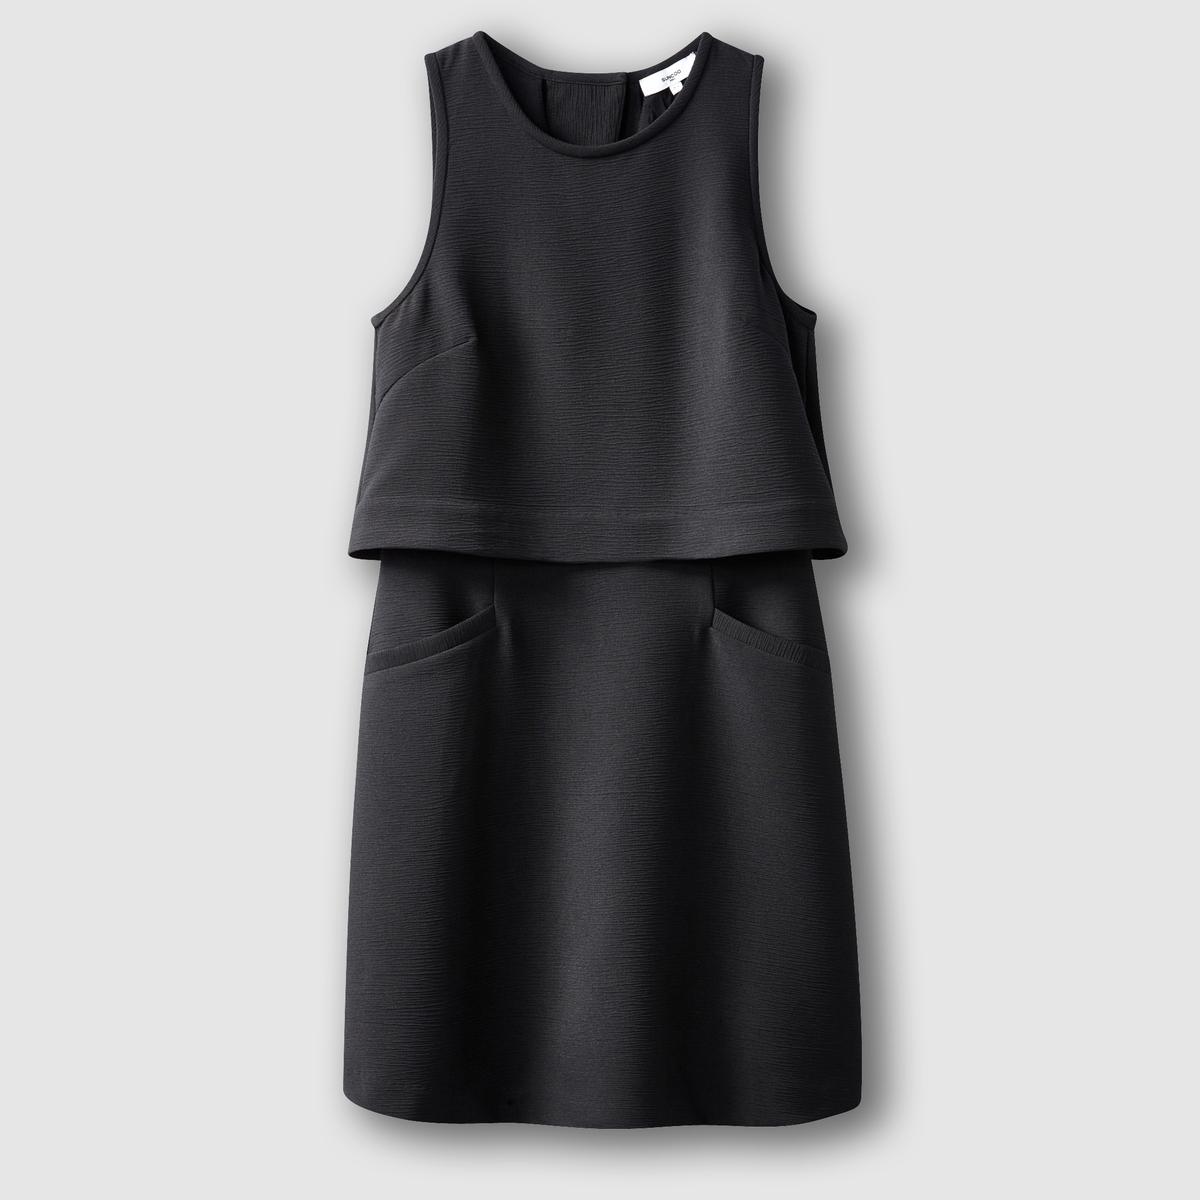 Платье короткое без рукавовПлатье короткое без рукавов 100% полиэстера  . Подкладка из 100% вискозы . Застежка на молнию и кнопки сзади  . Длина 82 см  .<br><br>Цвет: черный<br>Размер: XS